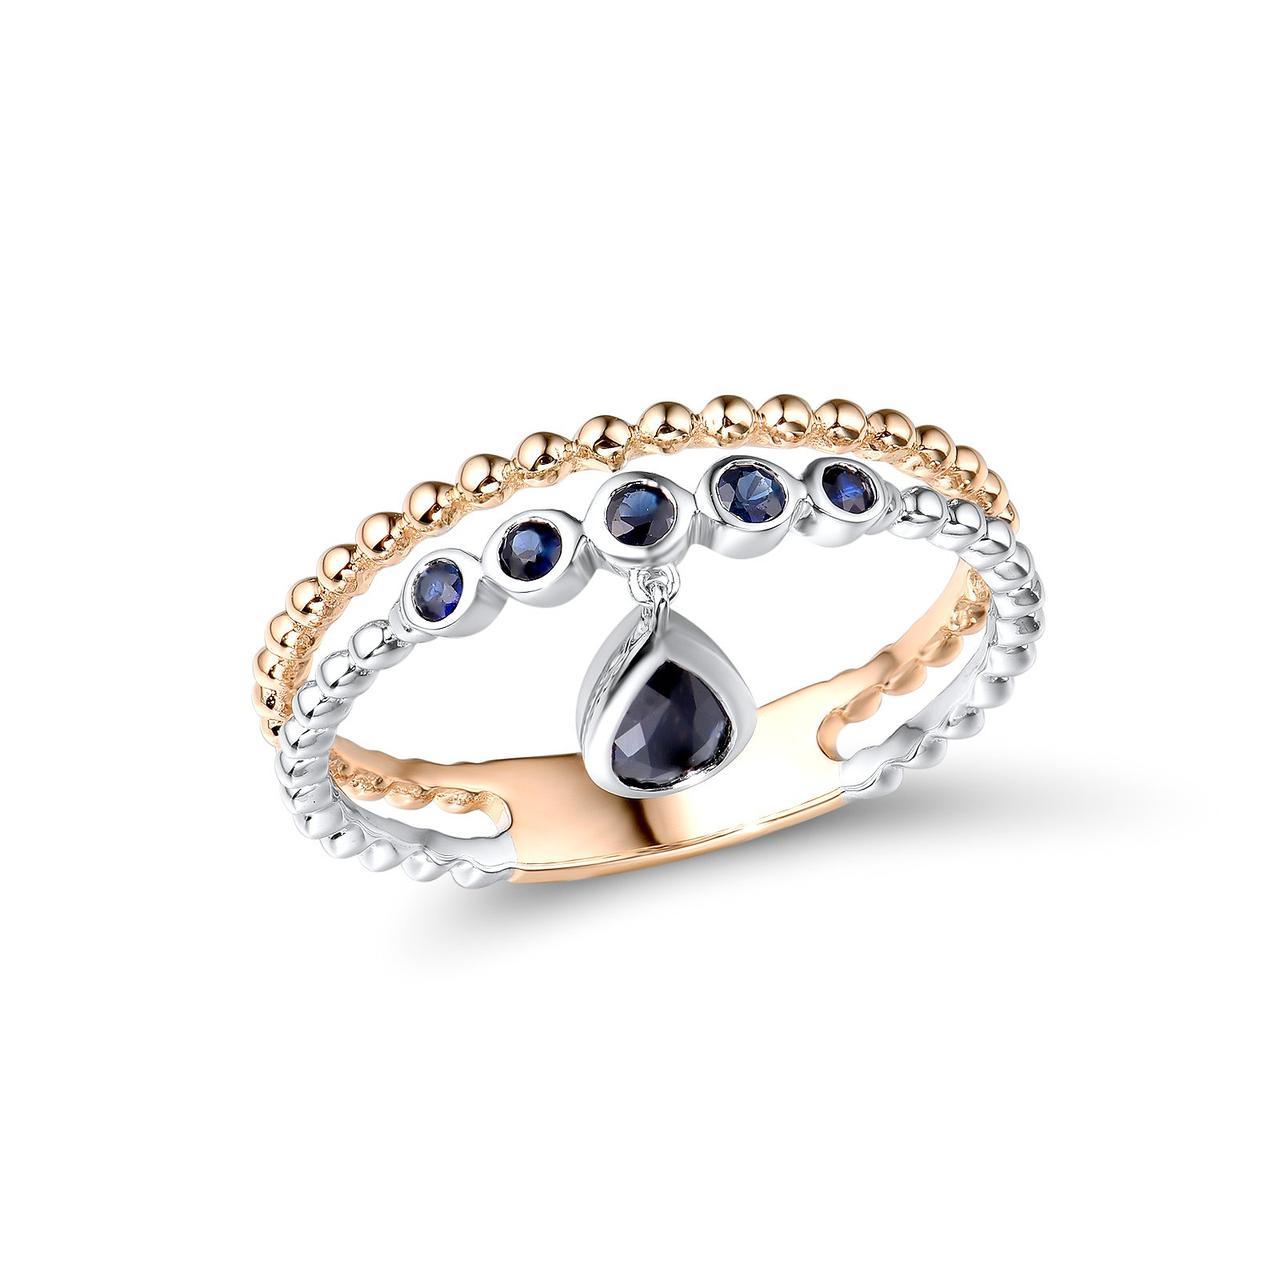 Золотое кольцо с сапфирами, размер 17 (1718846)